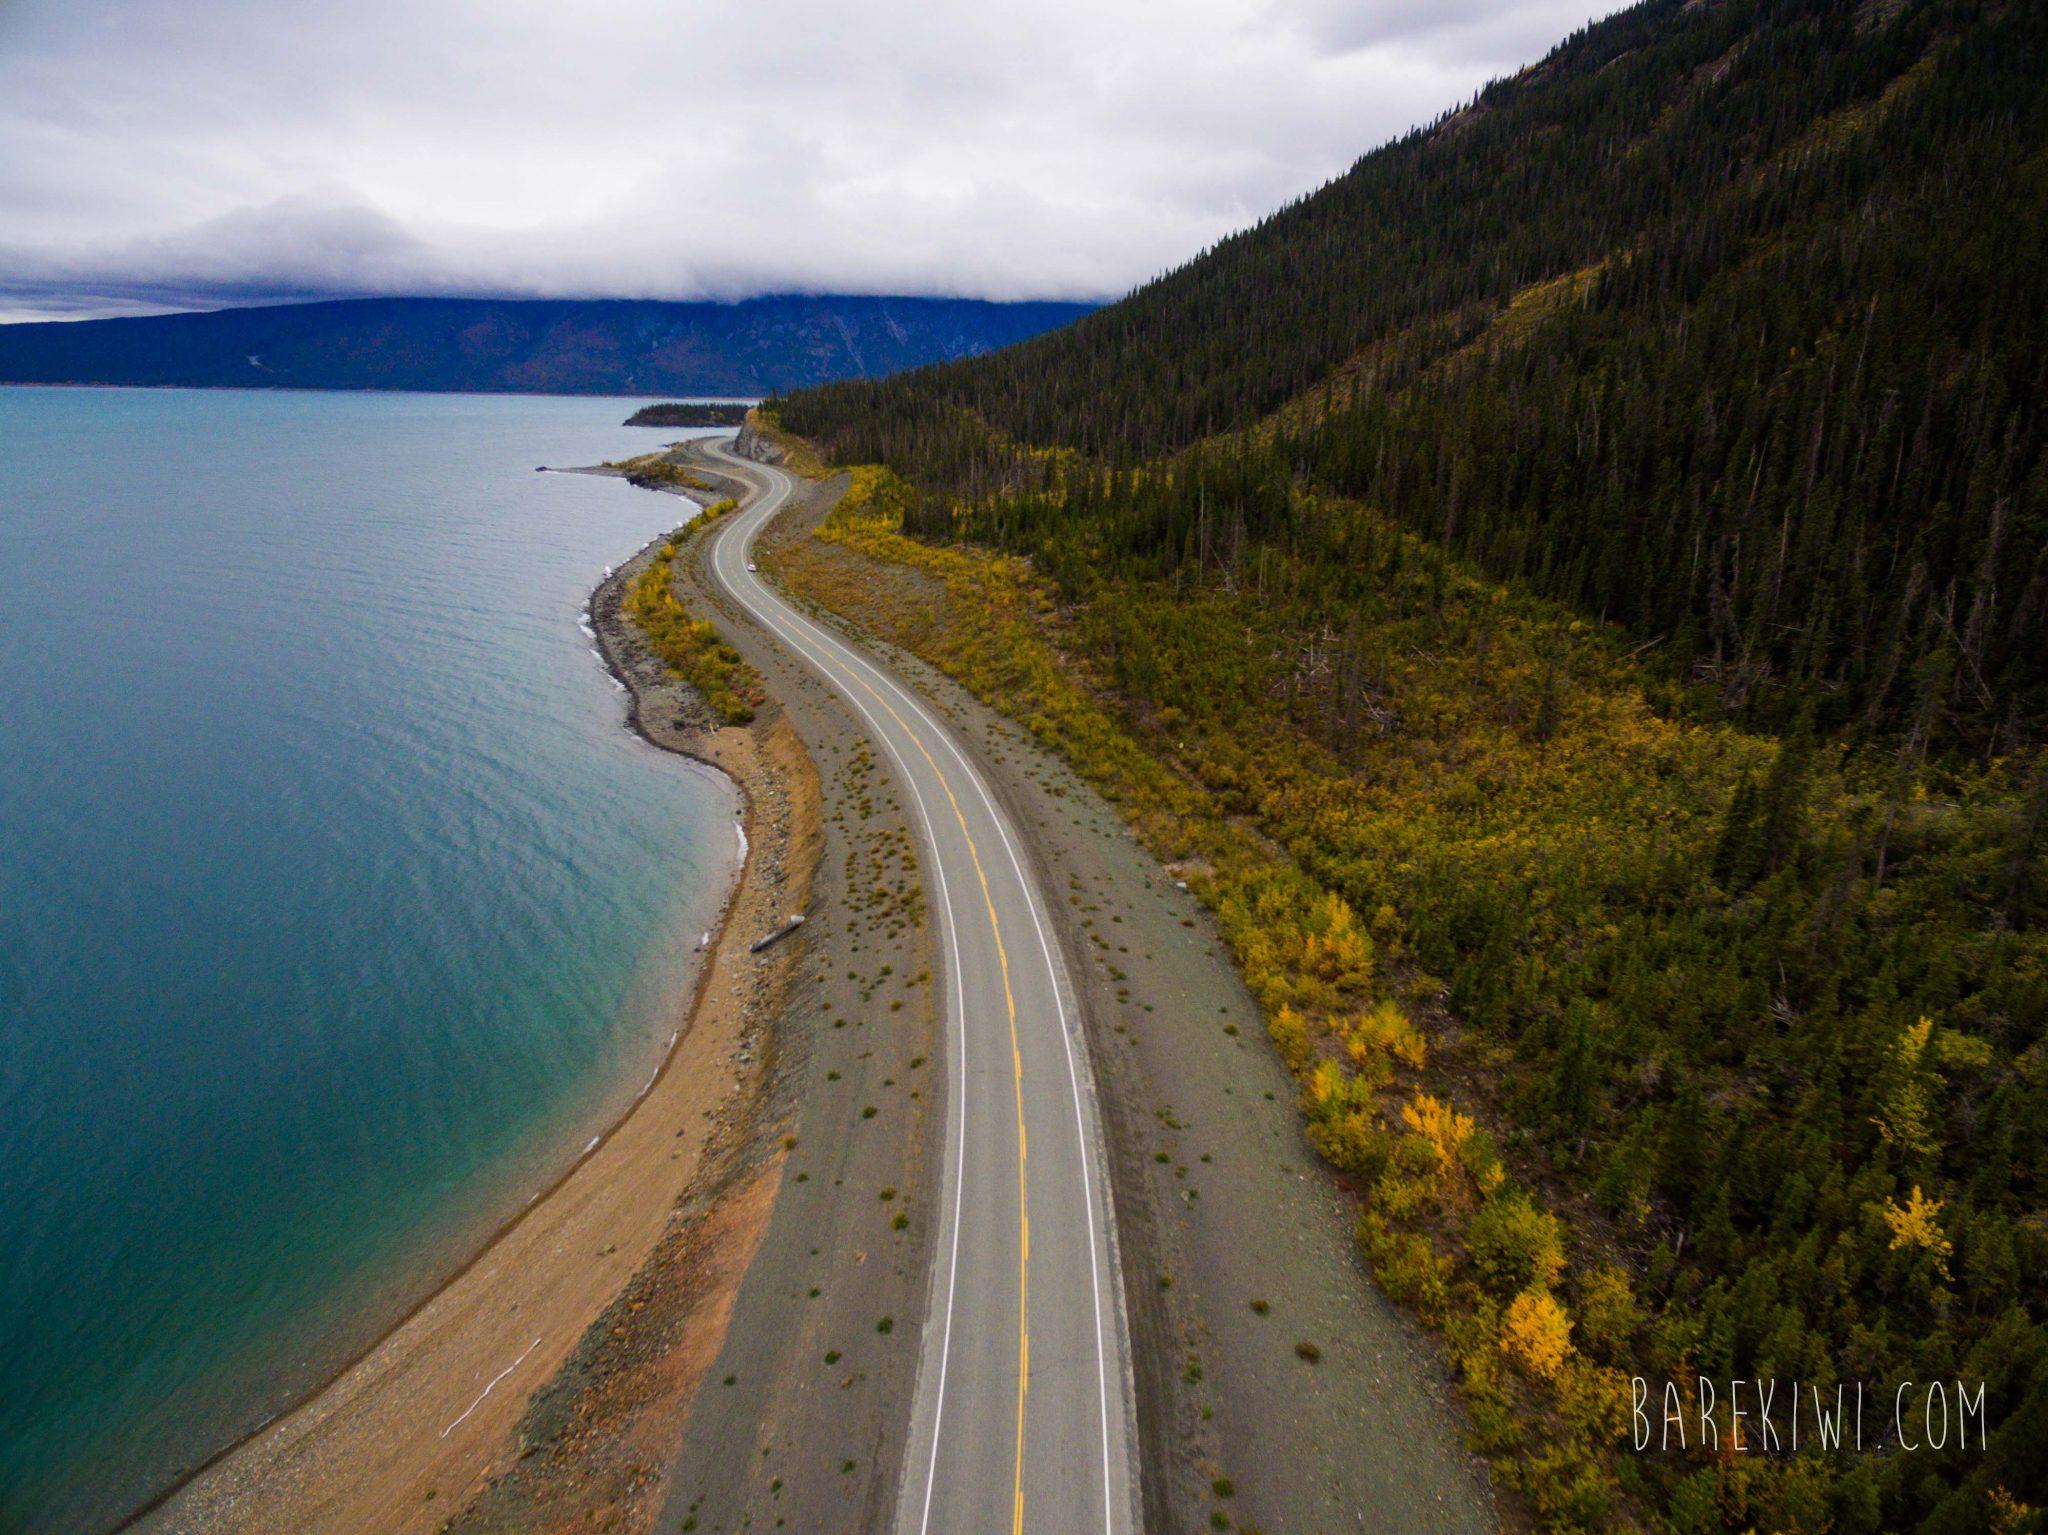 Yukon Images WEB (18 of 34)